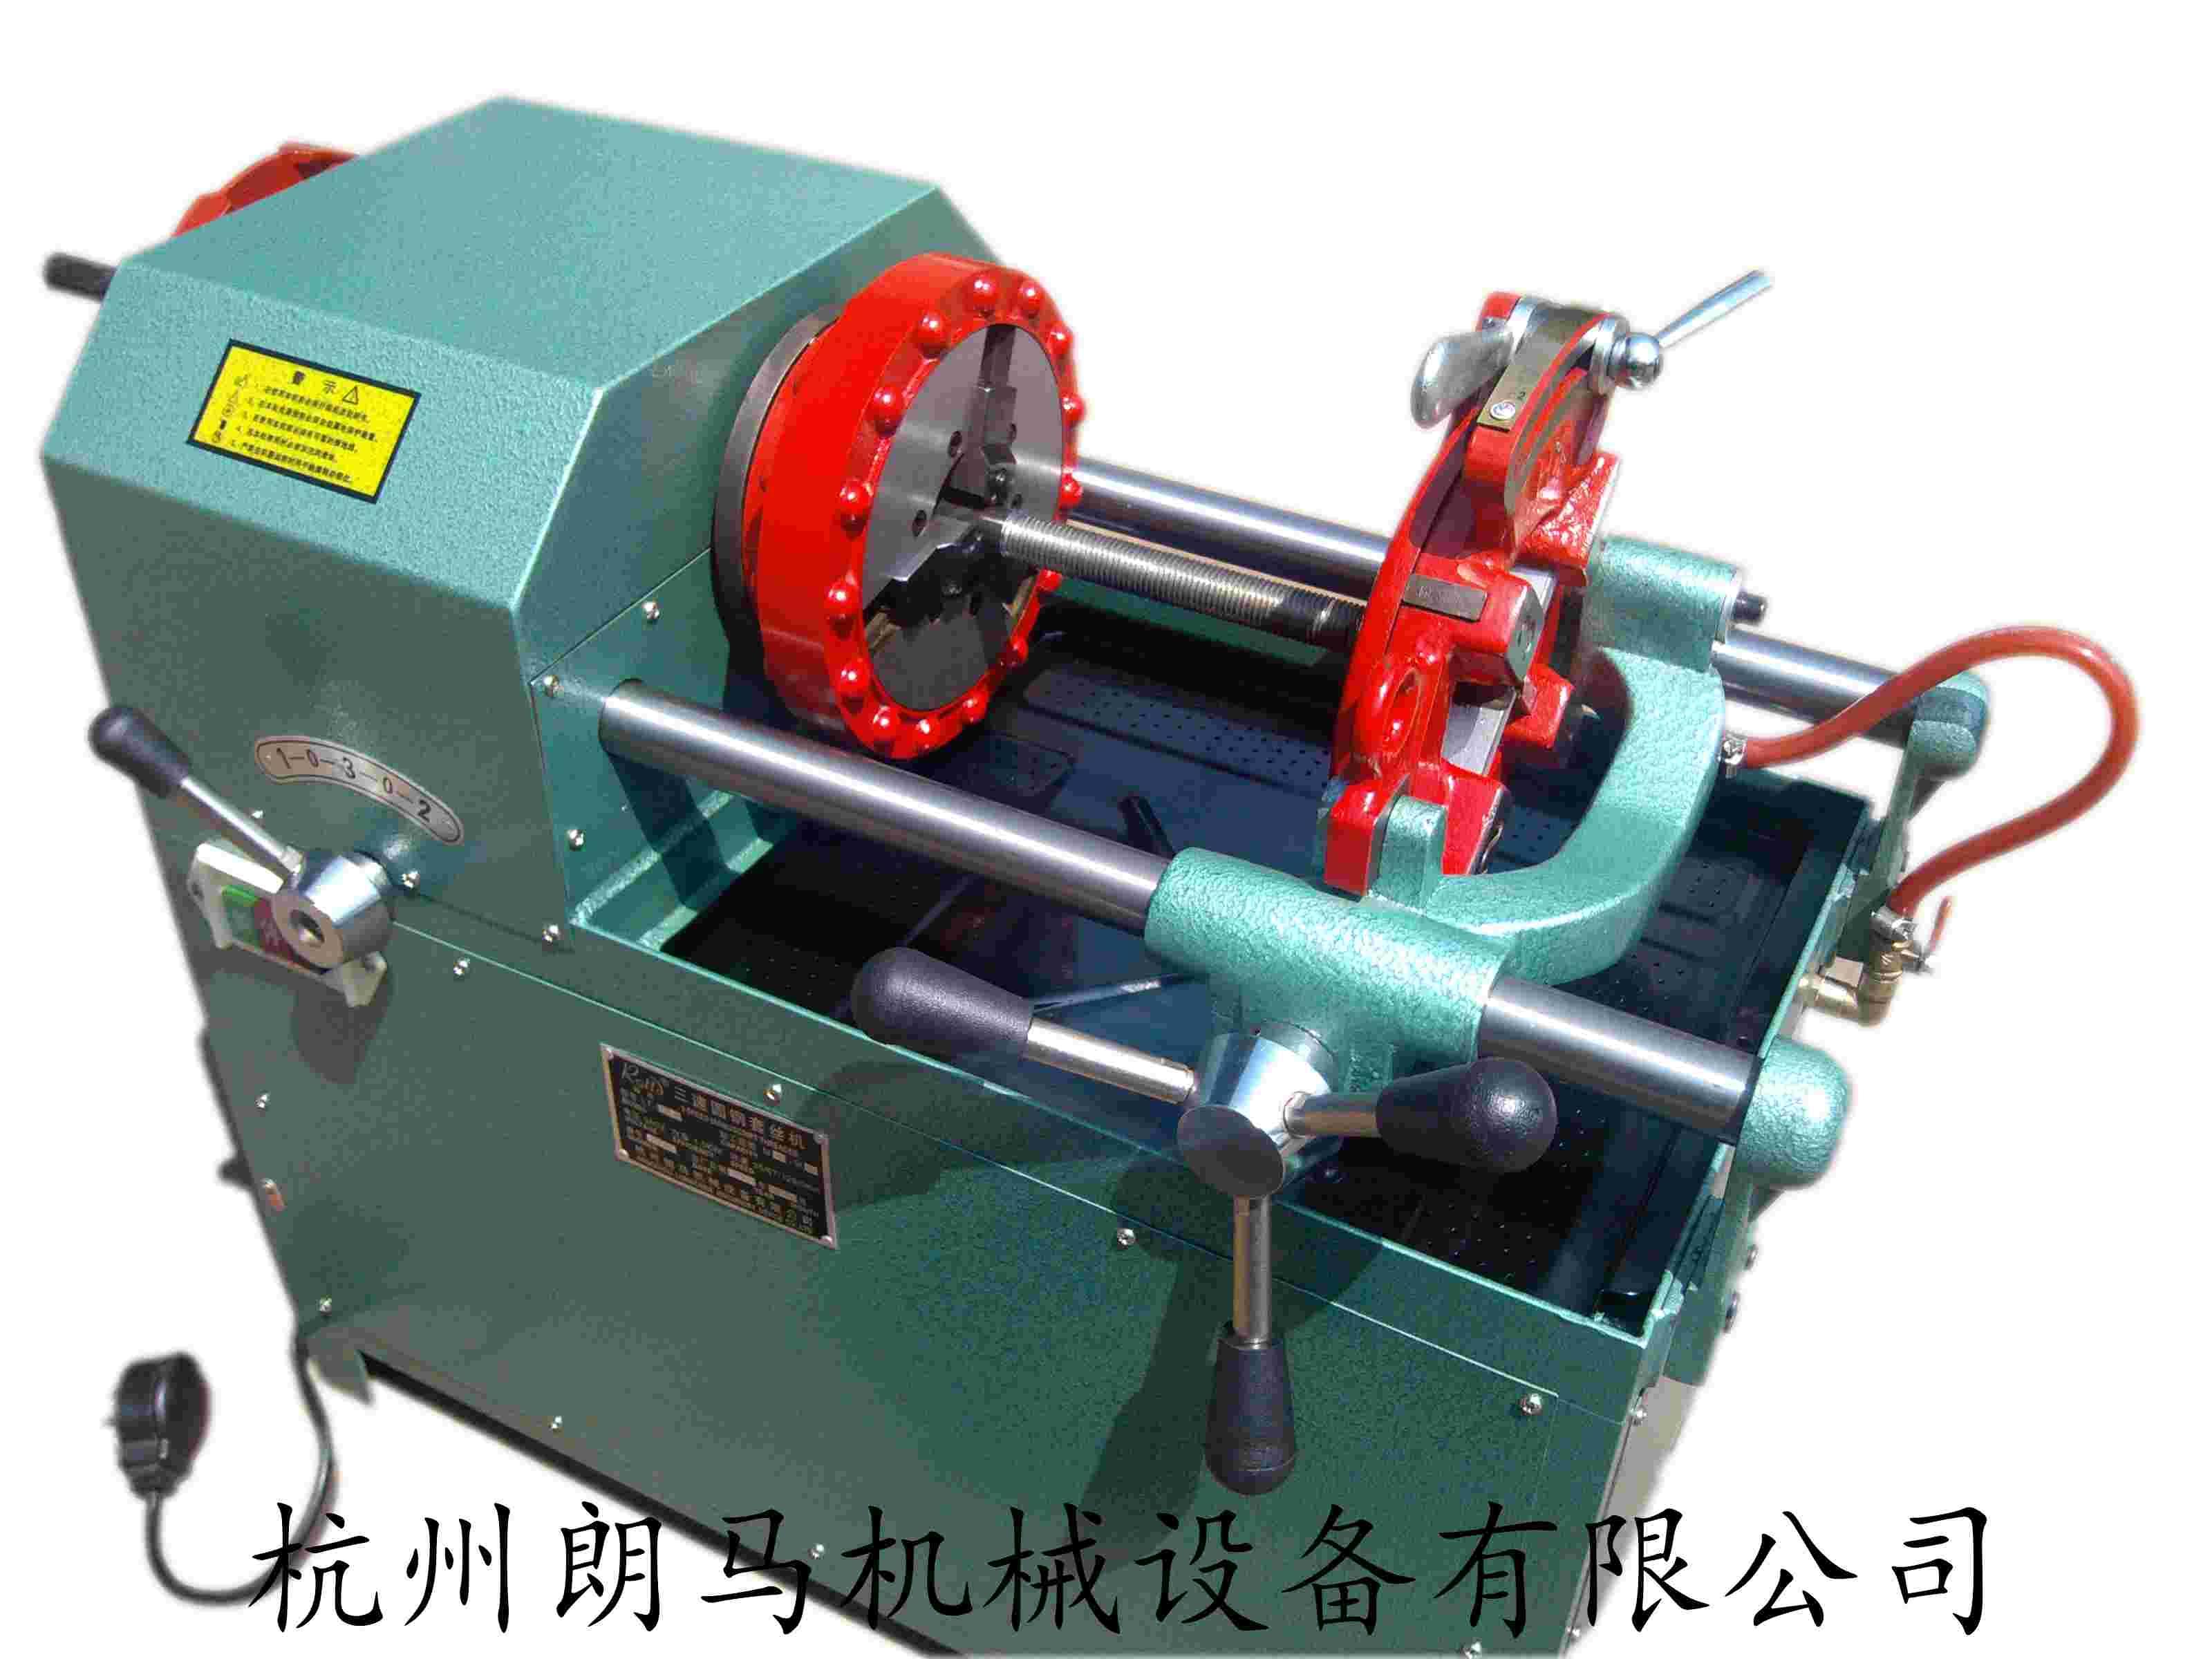 杭州朗馬機械設備有限公司